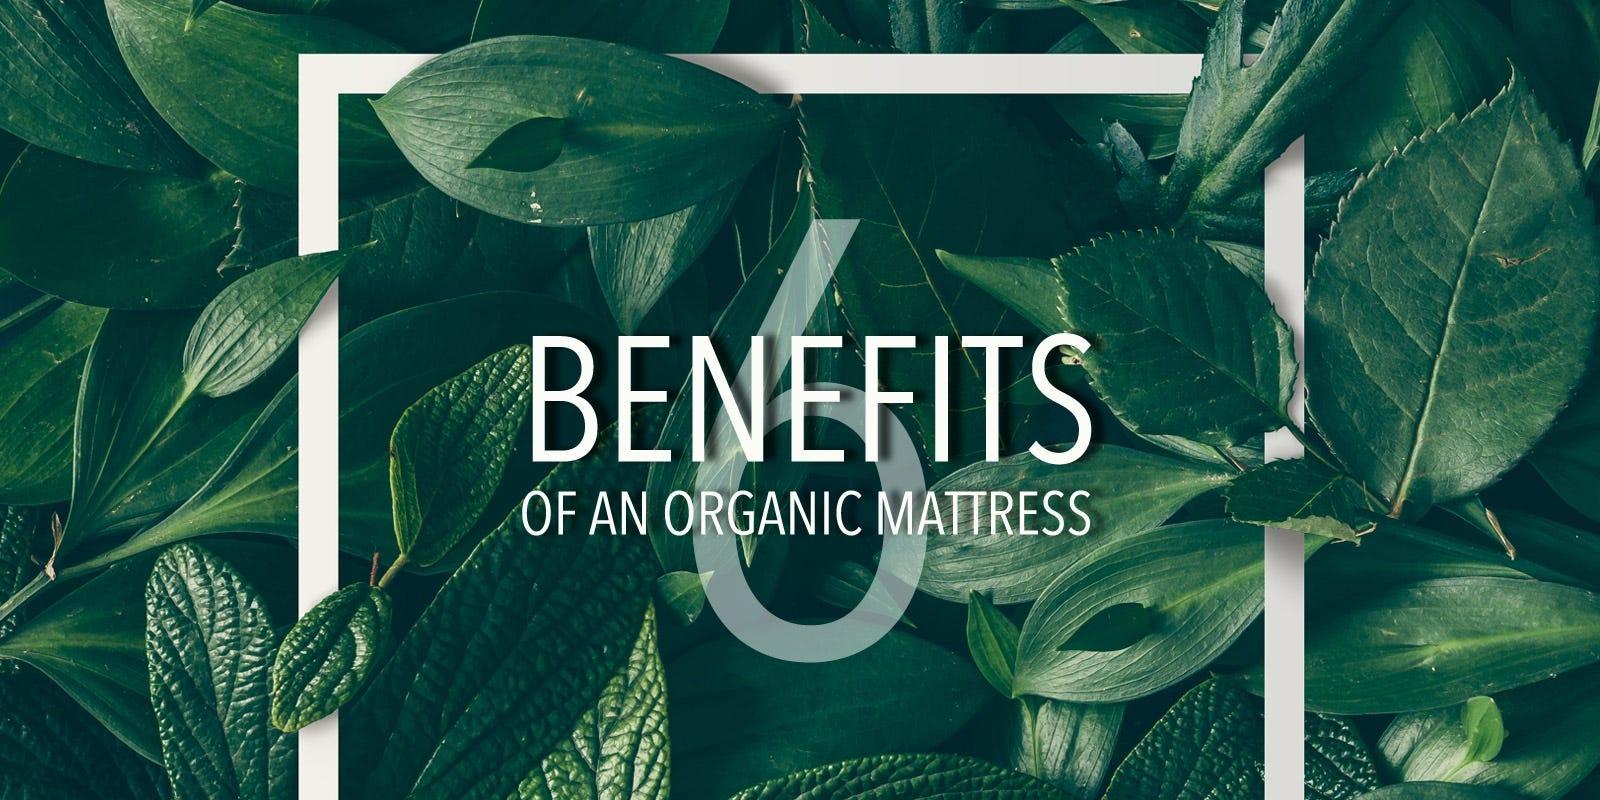 Why You Should Buy An Organic Mattress